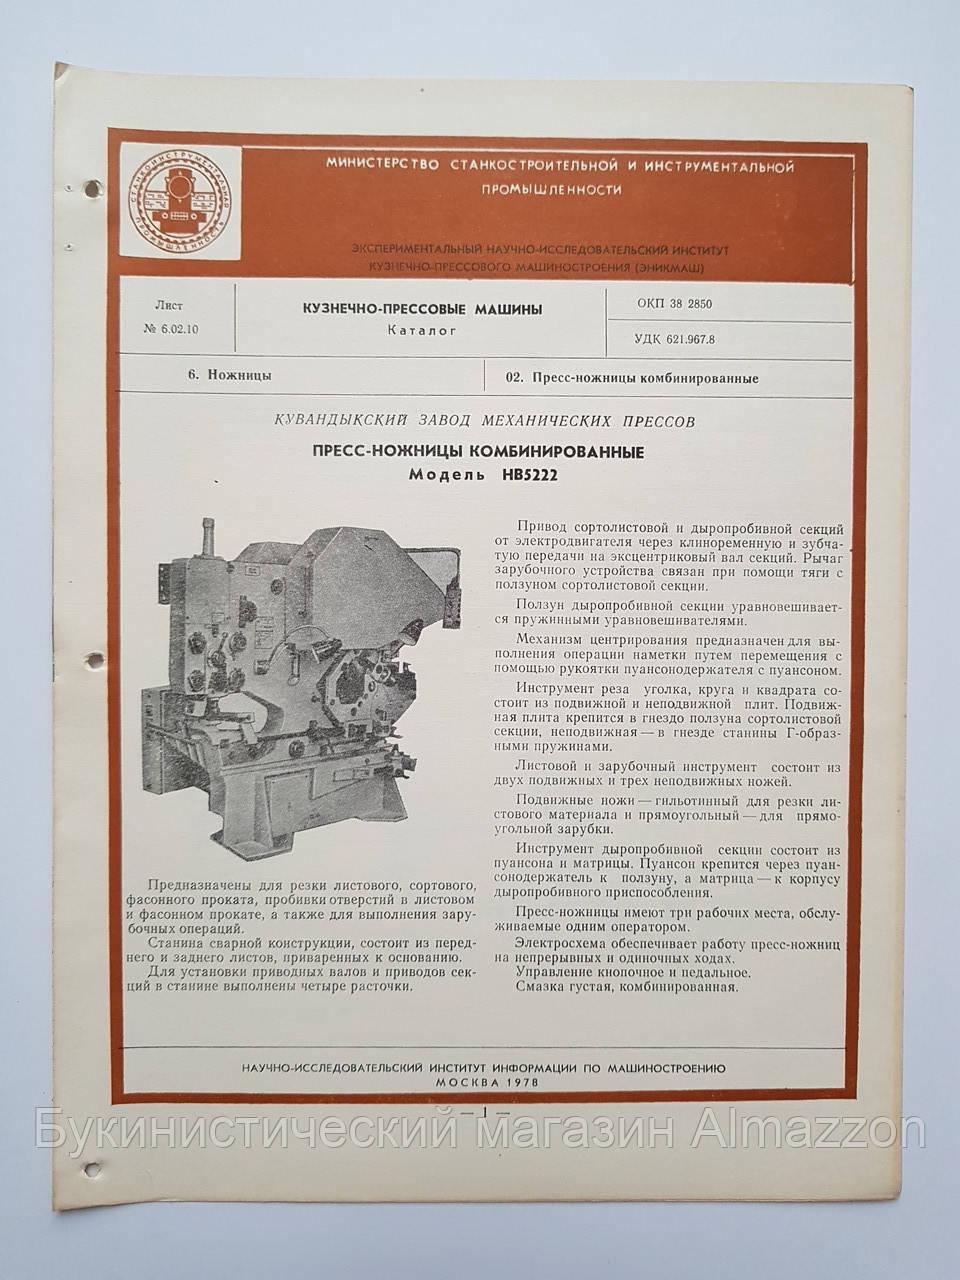 Журнал (Бюллетень) Пресс-ножницы комбинированные НВ5222  6.02.10